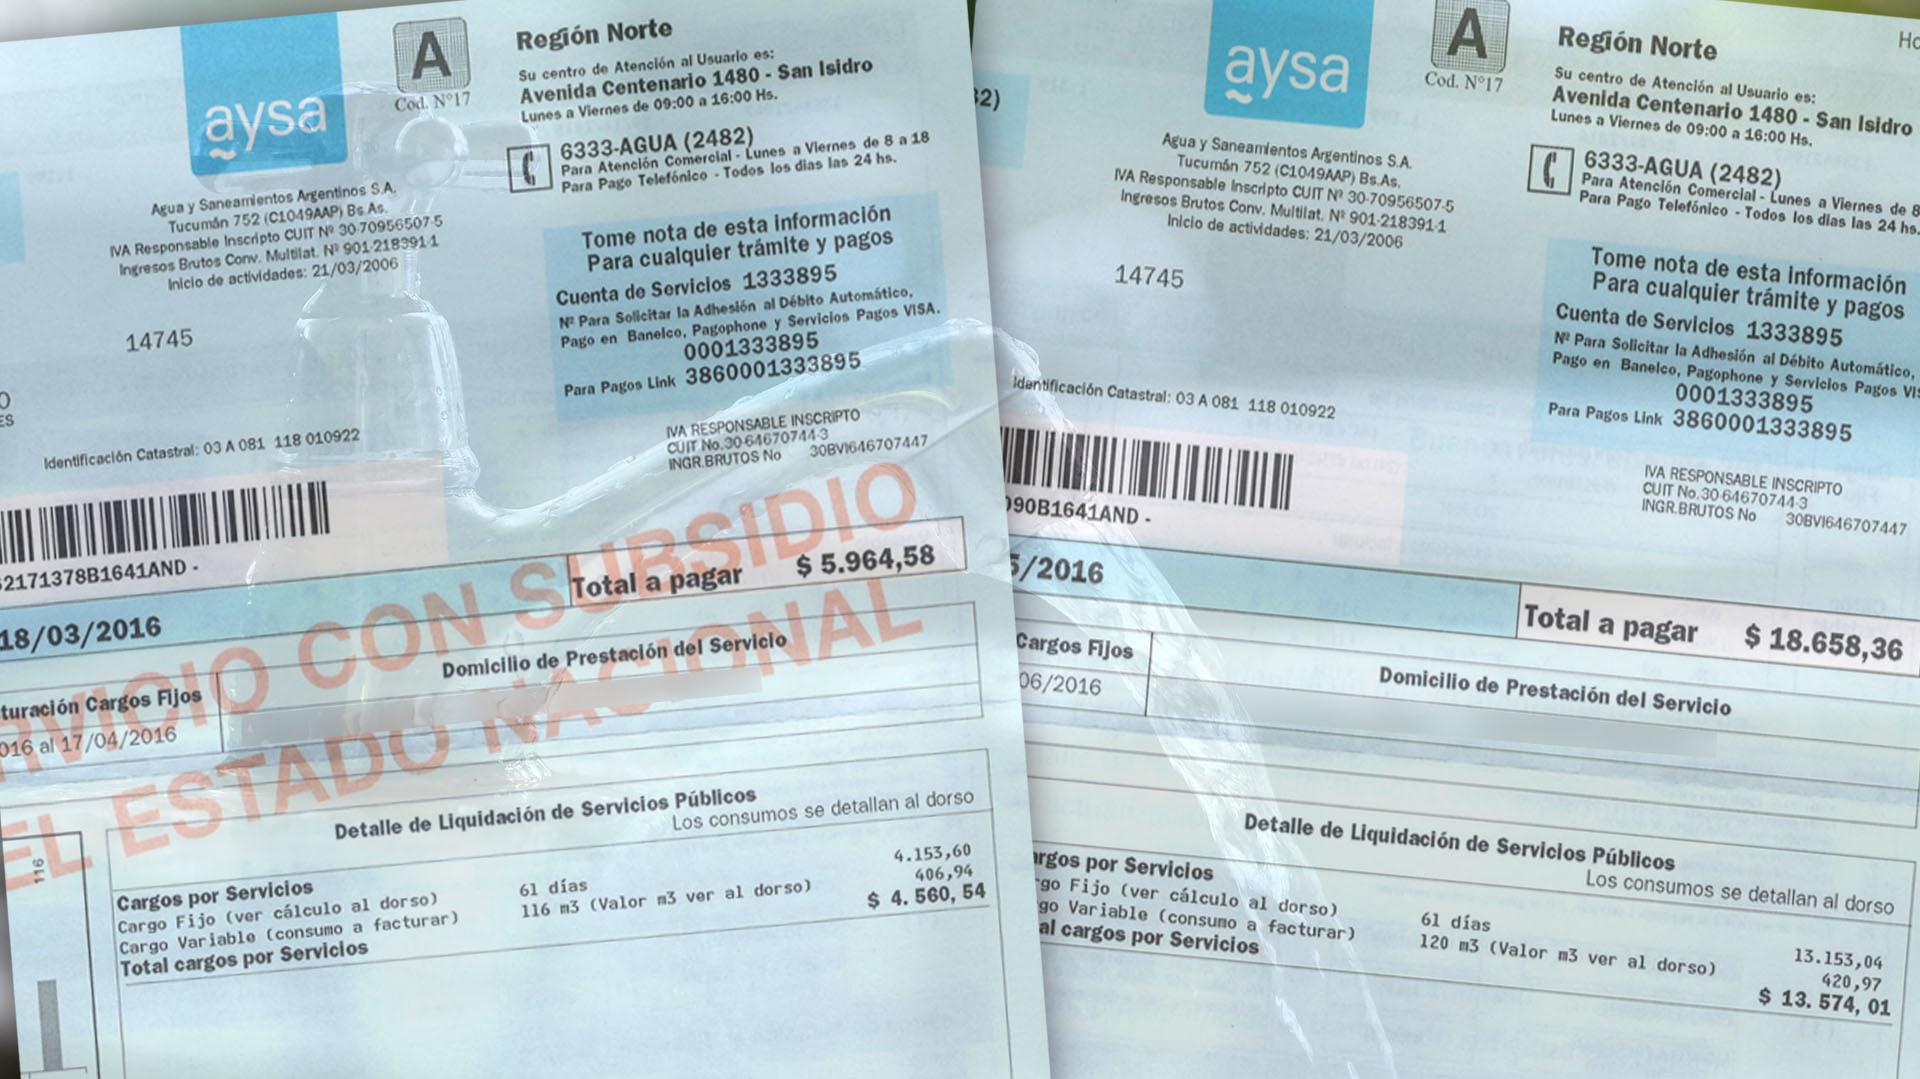 Hace dos meses, la factura de agua era de $5.964,58. En junio se disparó a $18.658,36